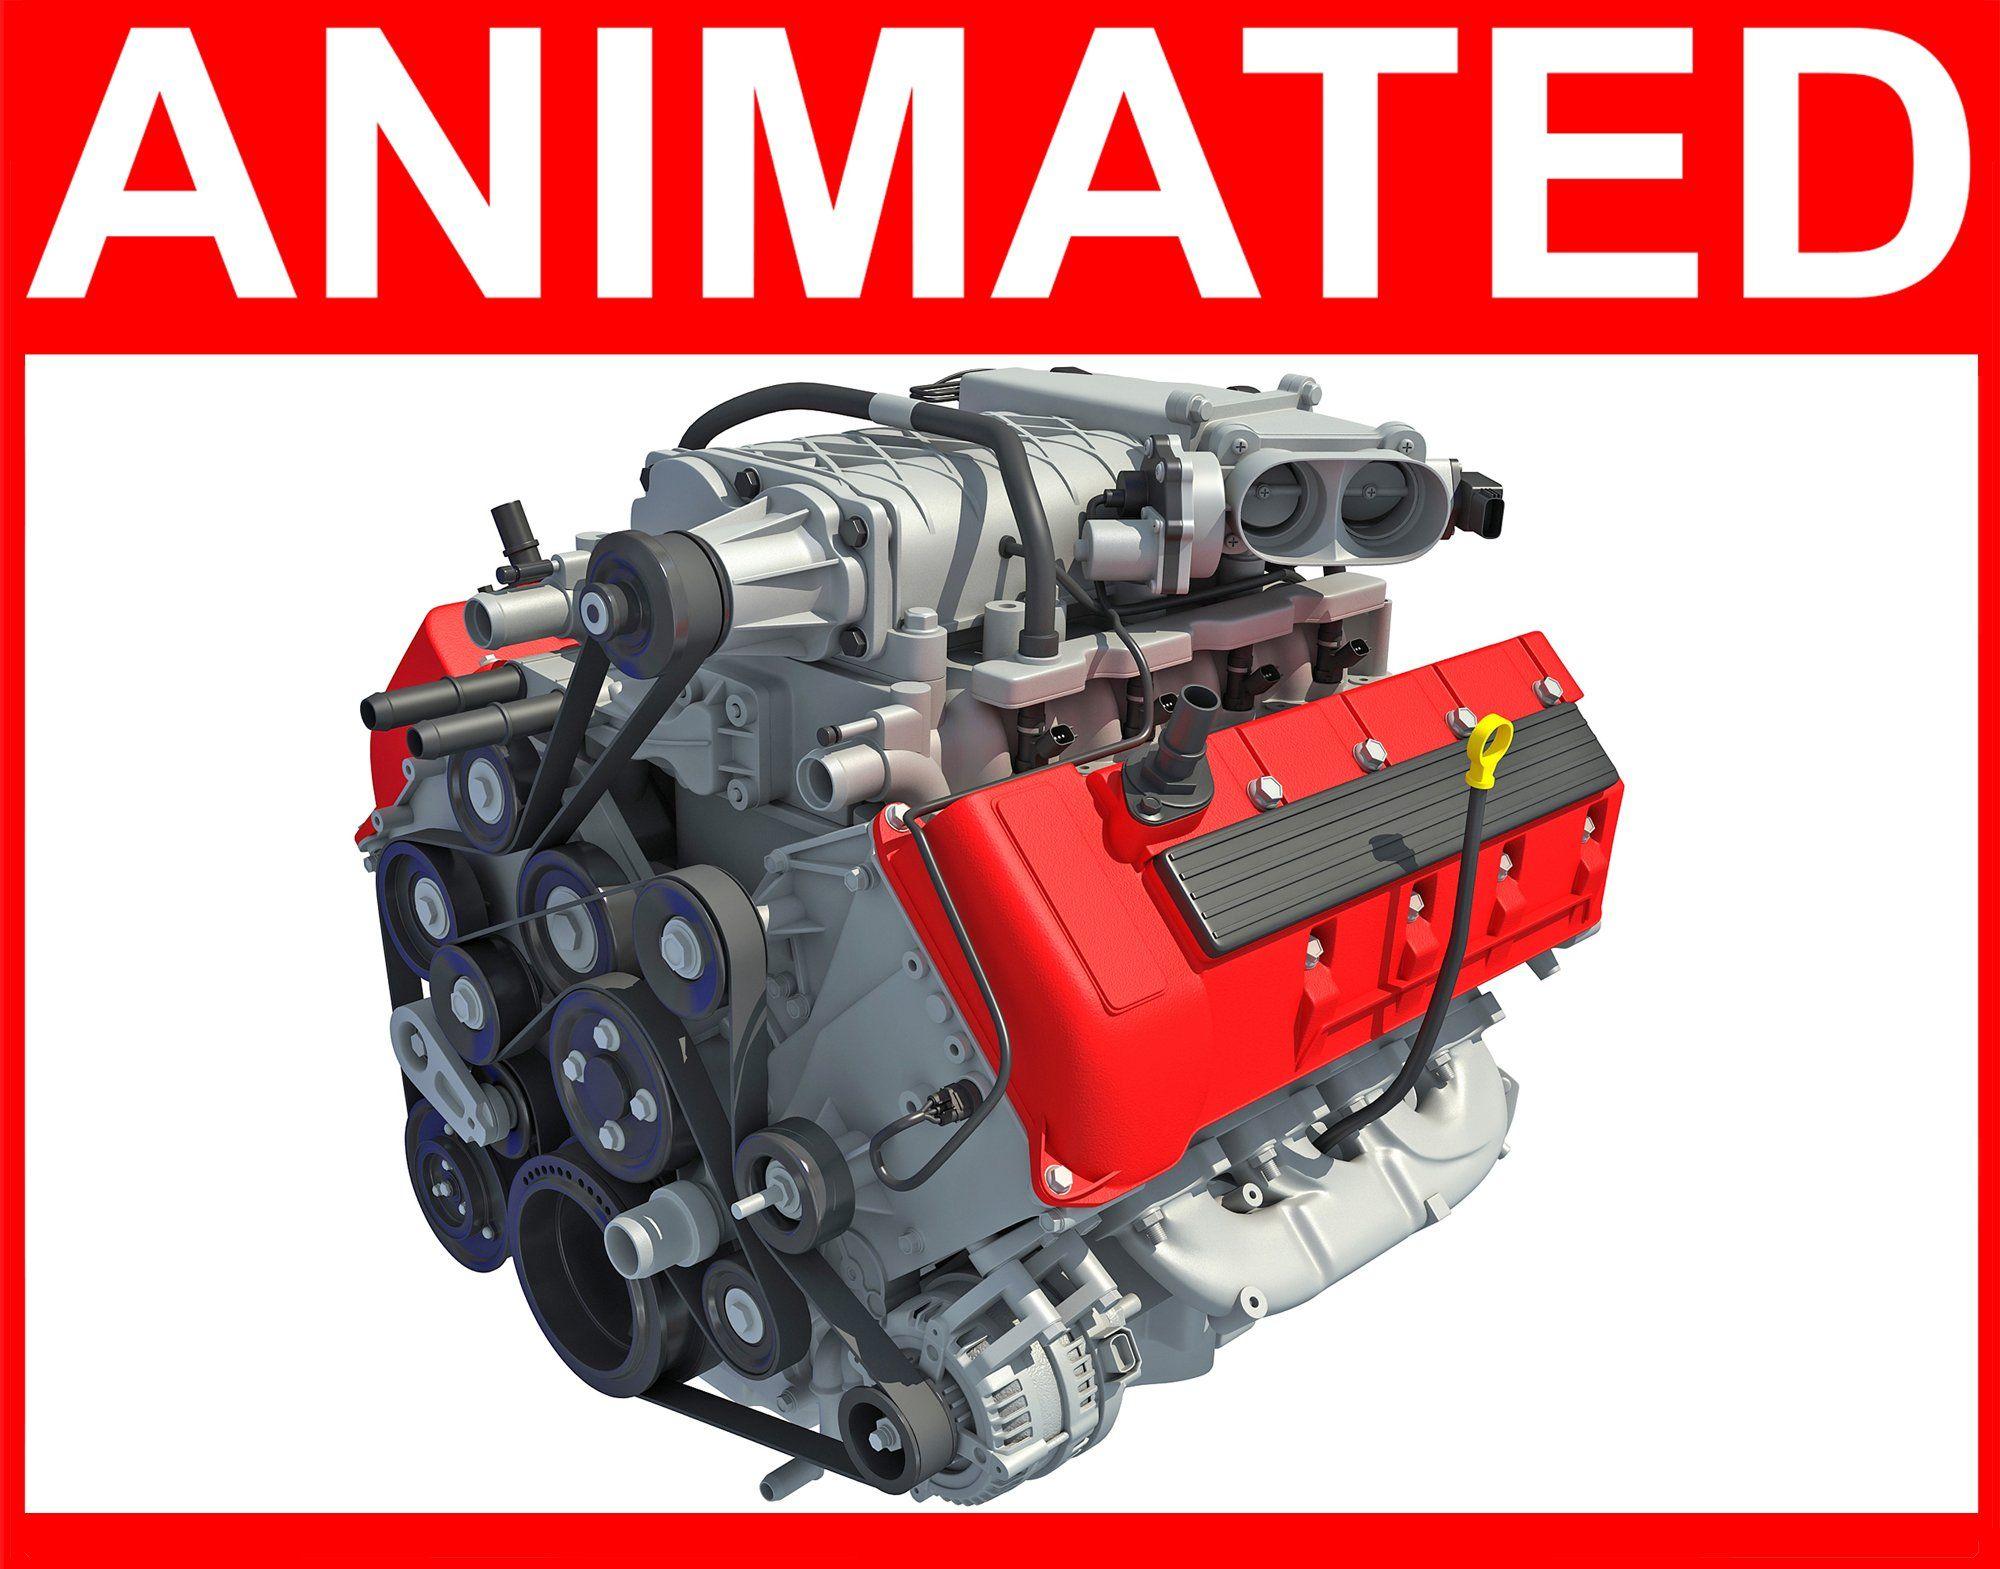 Animated V8 Engine | 3D Engine Models | Engineering, Animation